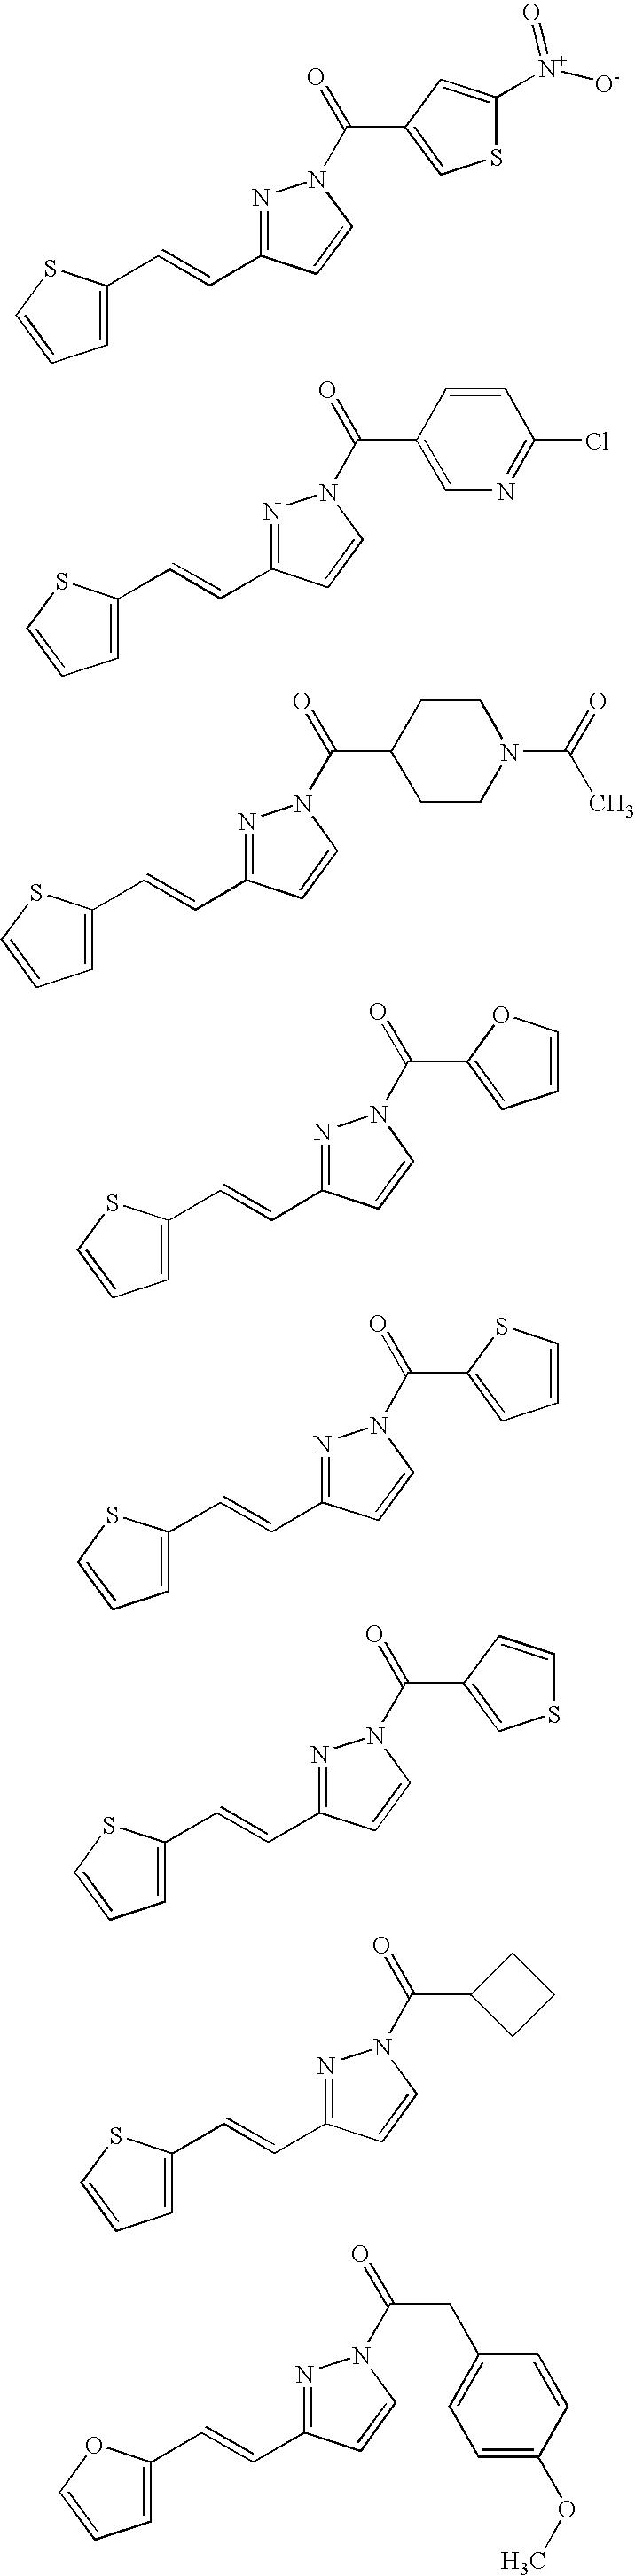 Figure US07192976-20070320-C00037